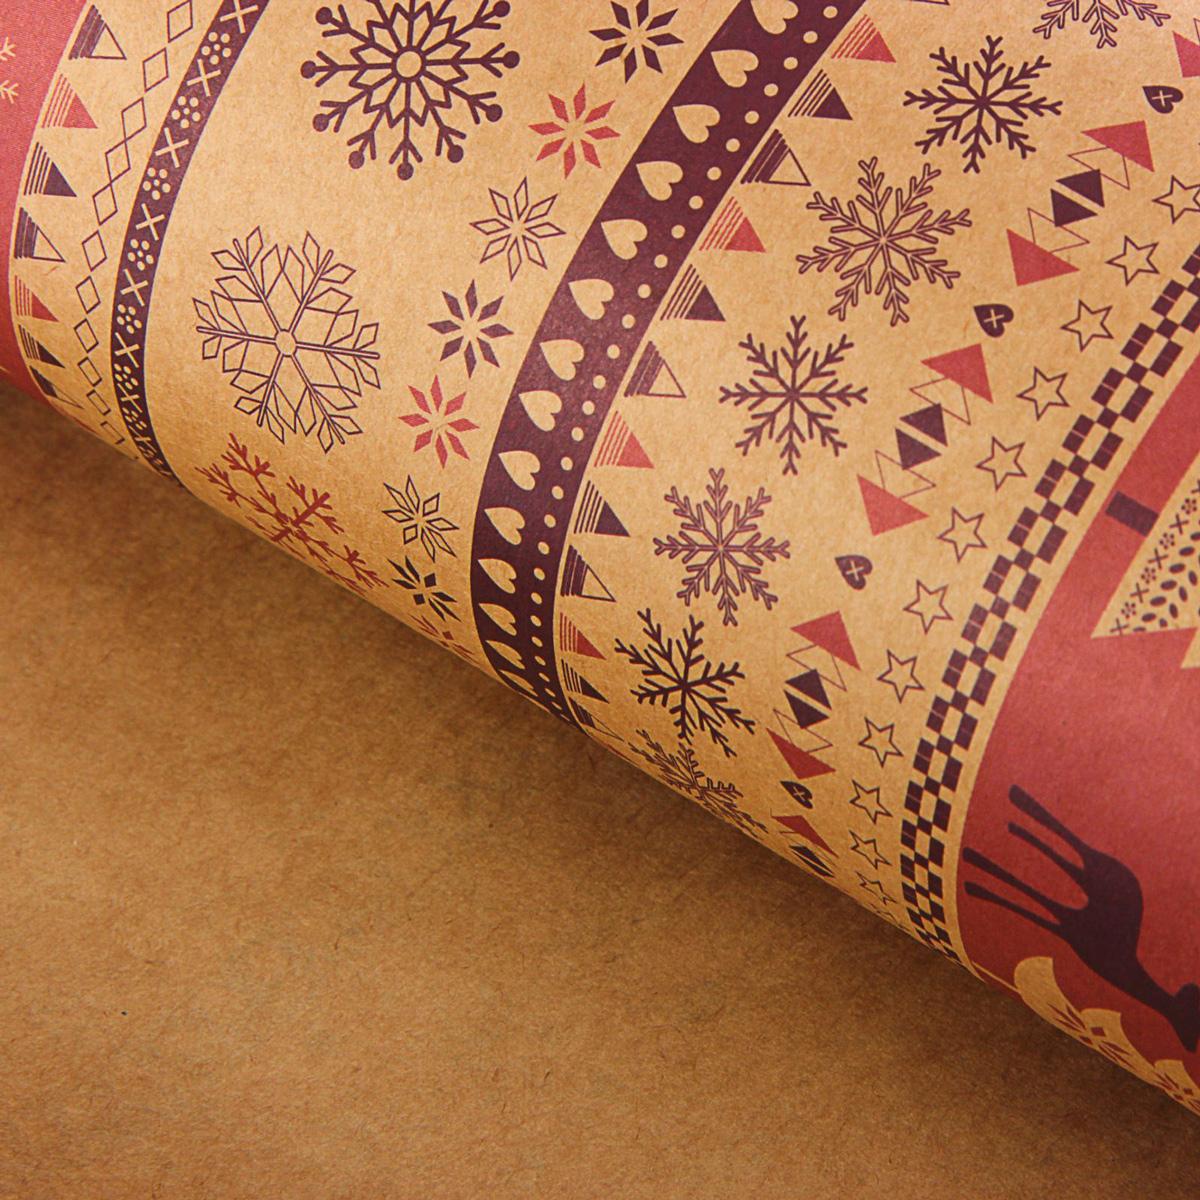 Набор бумаги упаковочной Sima-land Скандинавский узор, крафт, цвет: сиреневый, 50 х 70 см, 10 листов1269928Она универсальна в оформлении любой продукции и подарка и сделает даже обычный презент заметным, приятным и стильным.